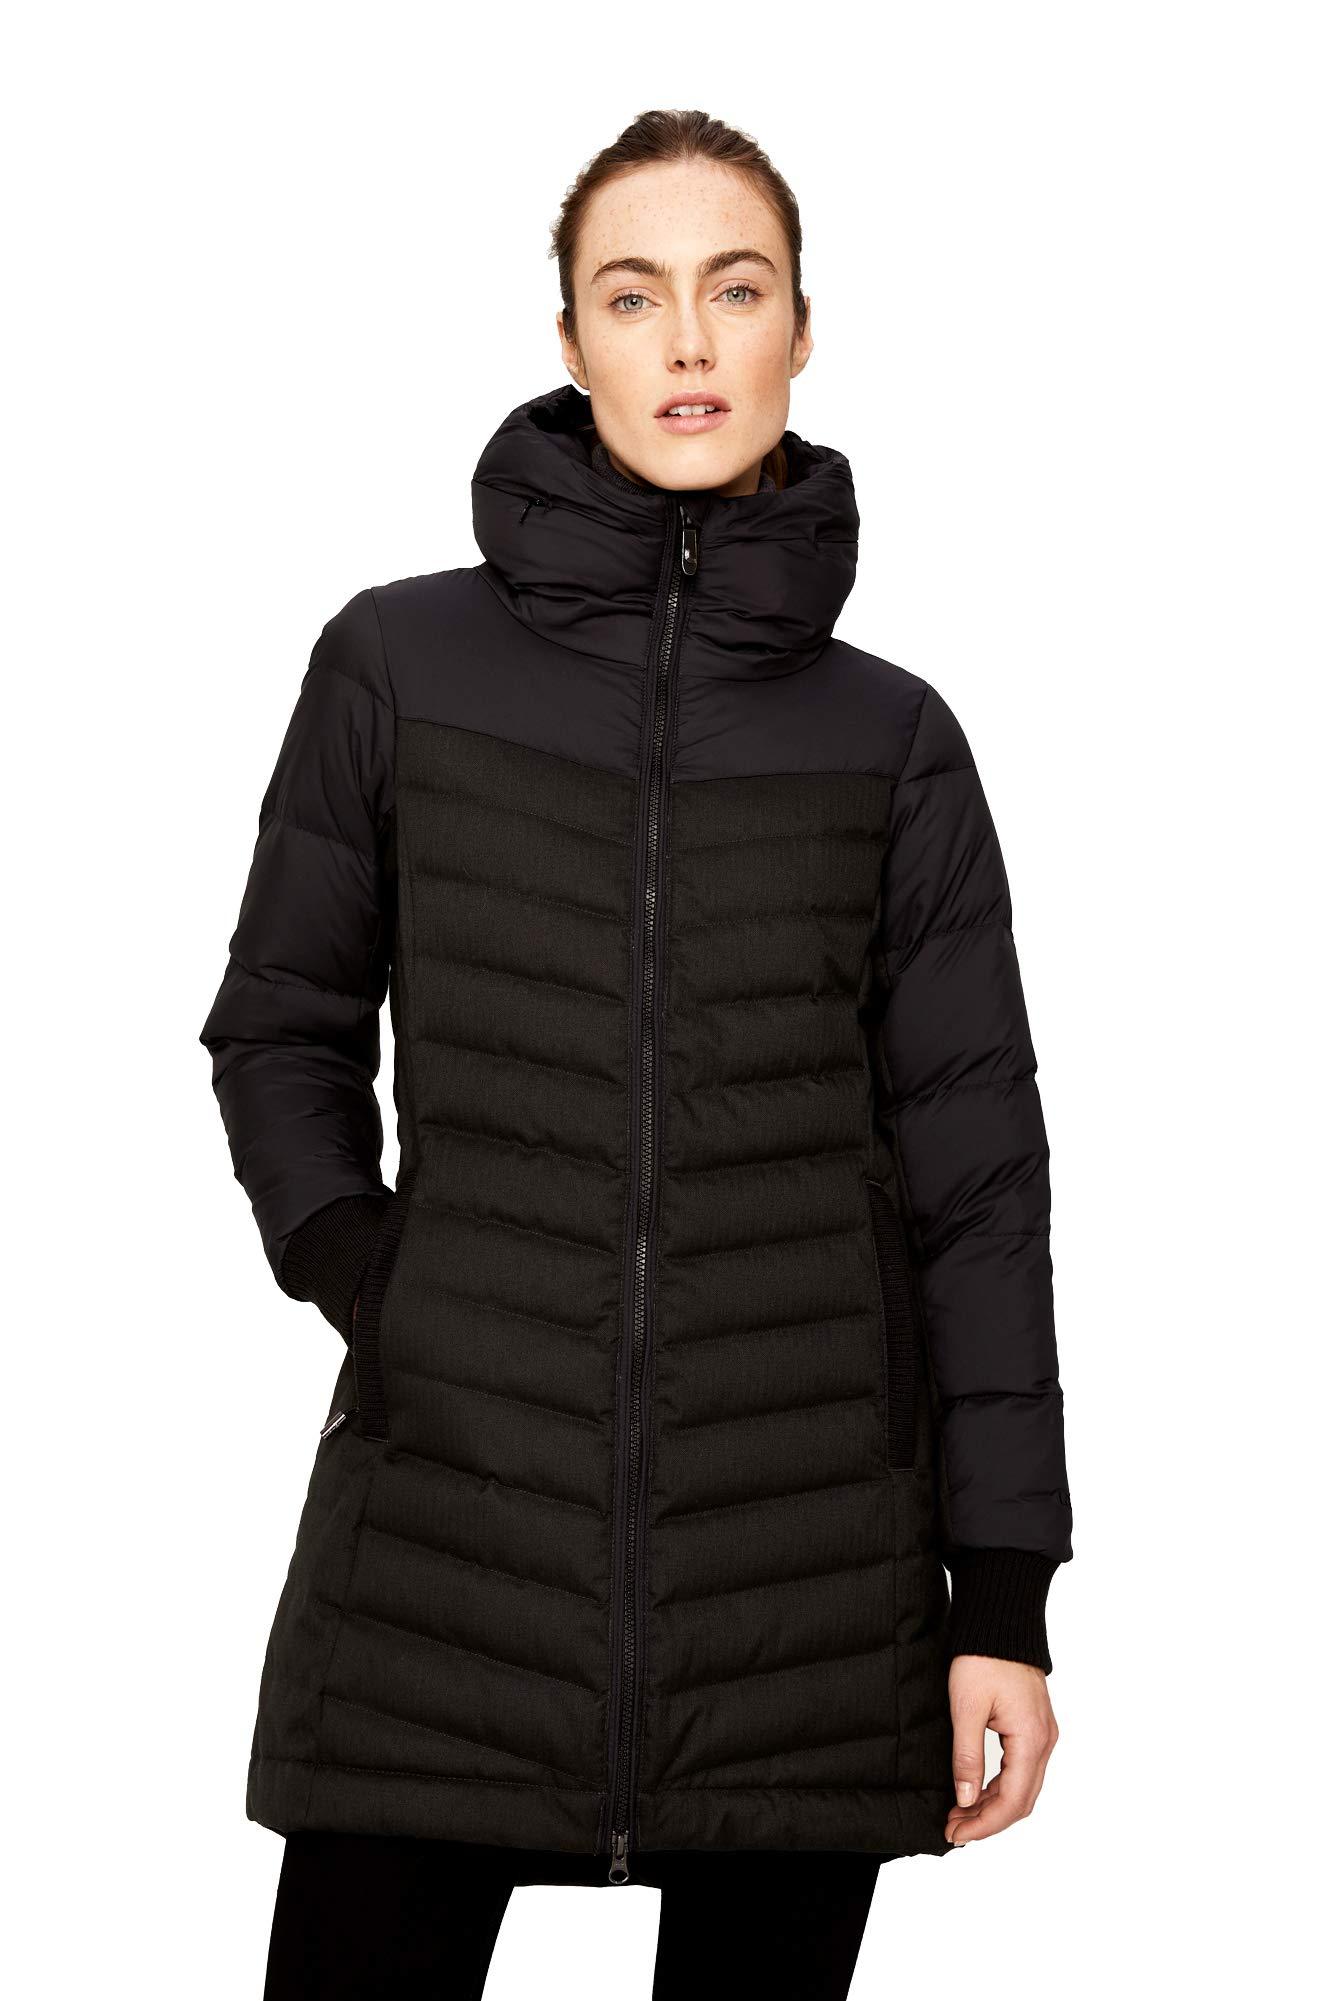 Lole Women's Faith Edition Jacket